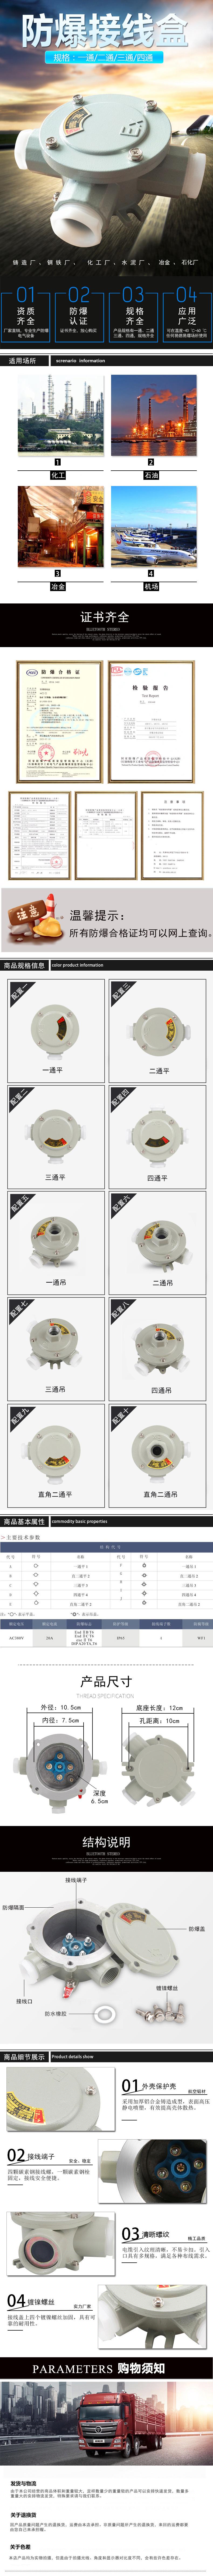 防爆接線盒詳情頁0.jpg